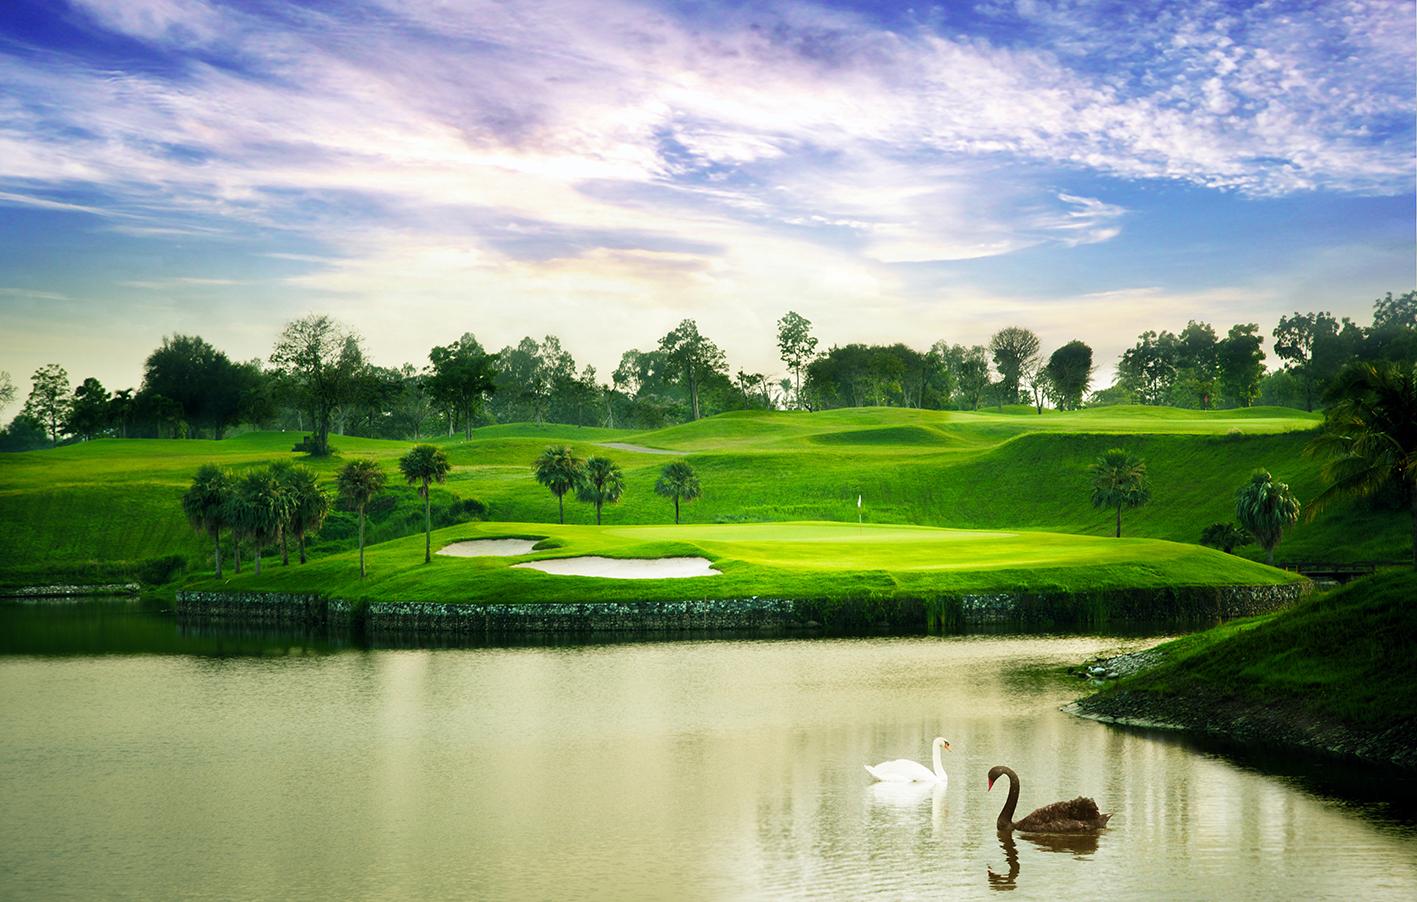 1ラウンド目のゴルフ場